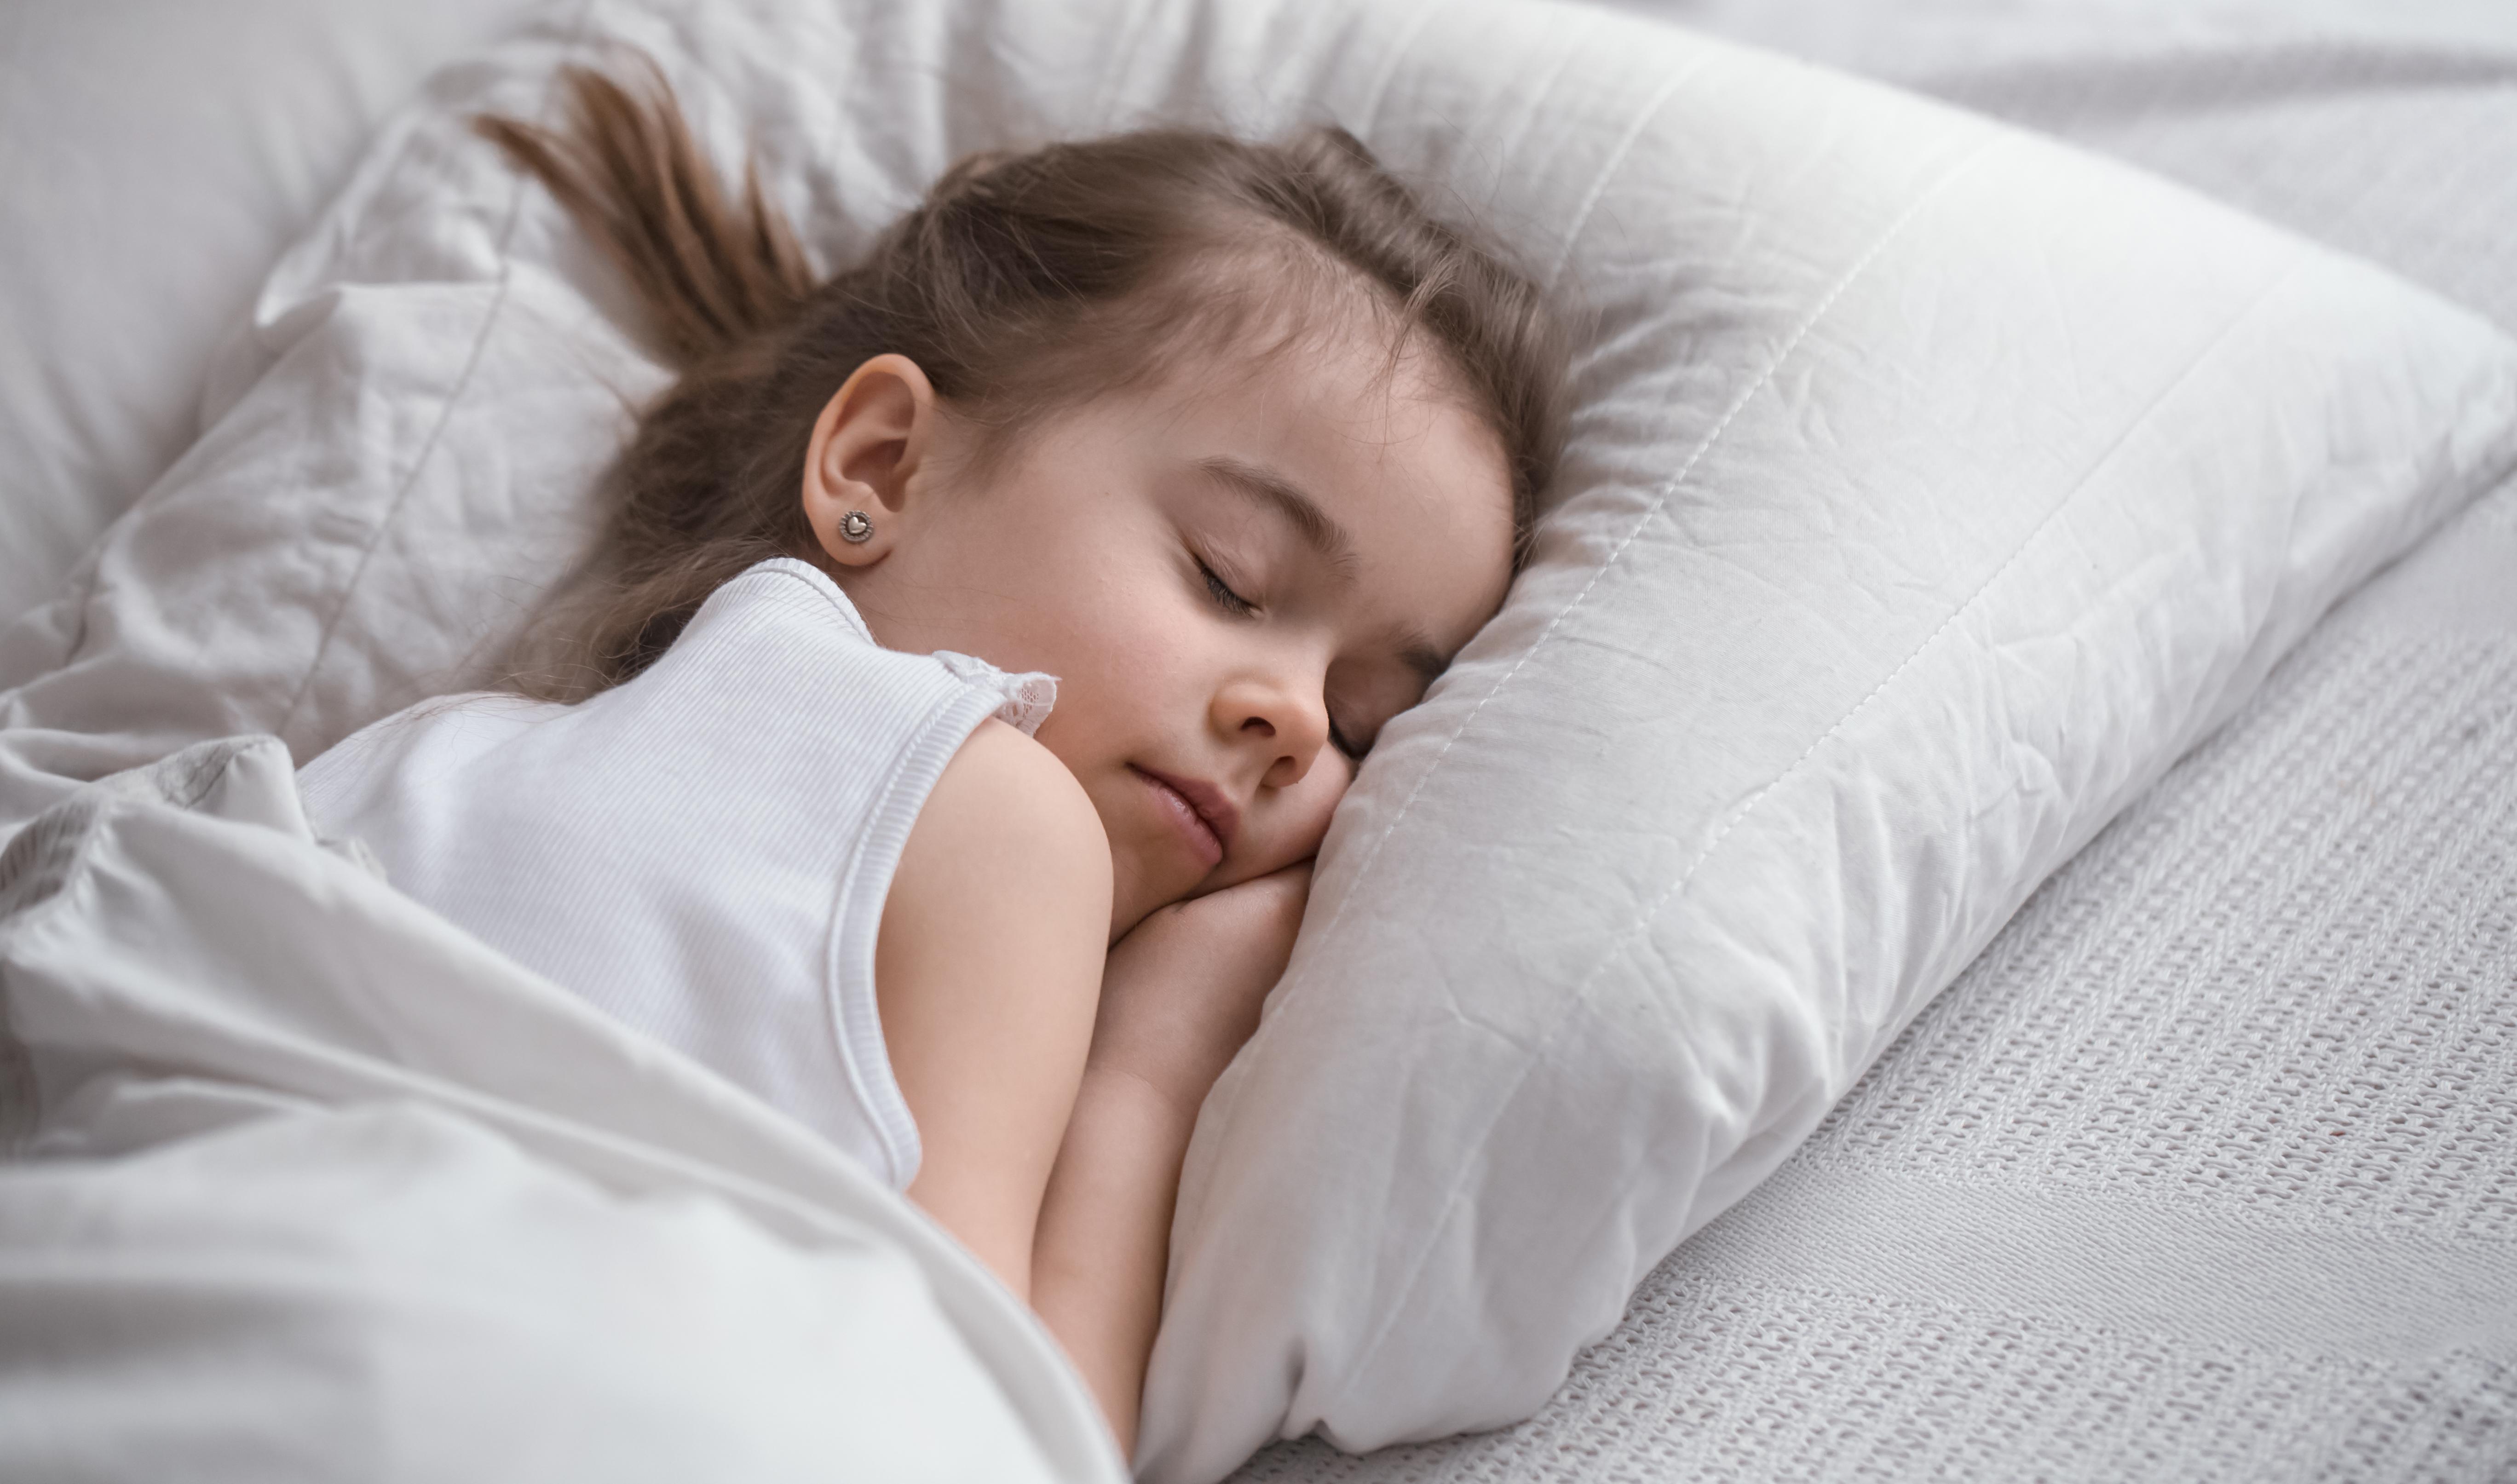 Mi hijo duerme mal: estrategias y recursos para mejorar el sueño